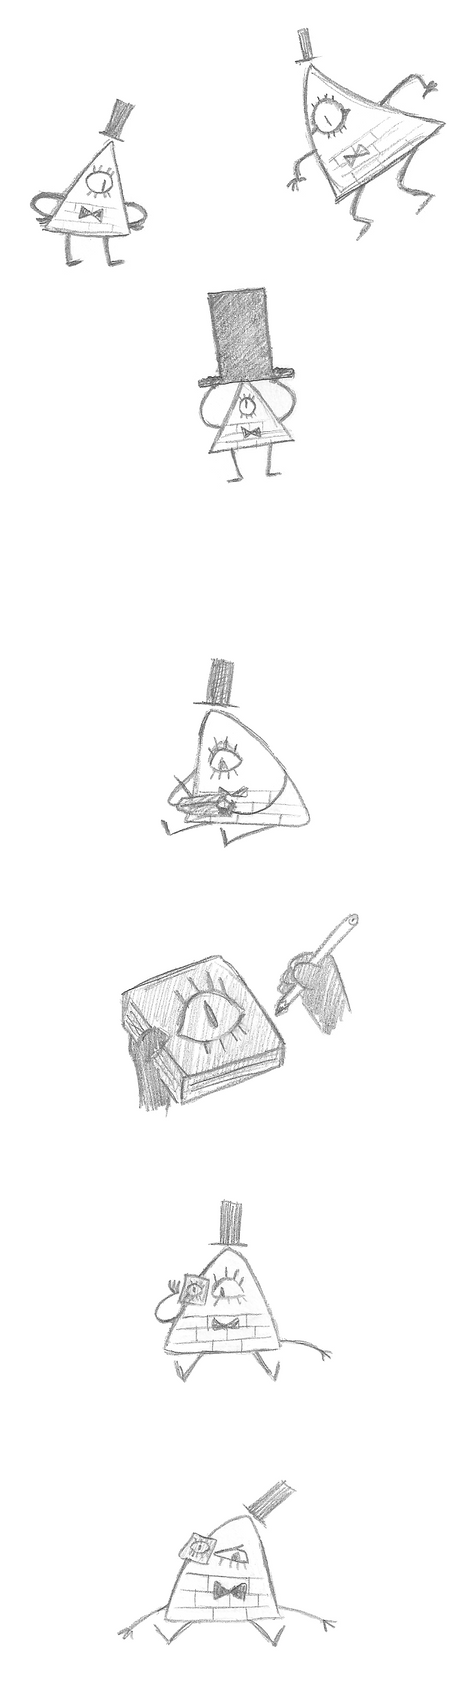 Six-sided Triangular Polyhedron by Moso-stuff